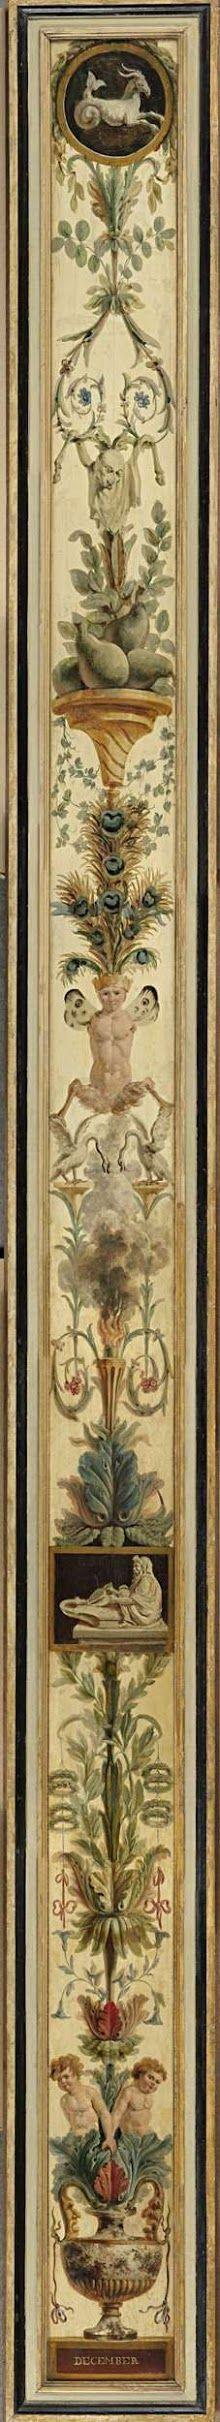 Angie Johnson Rijksmuseum